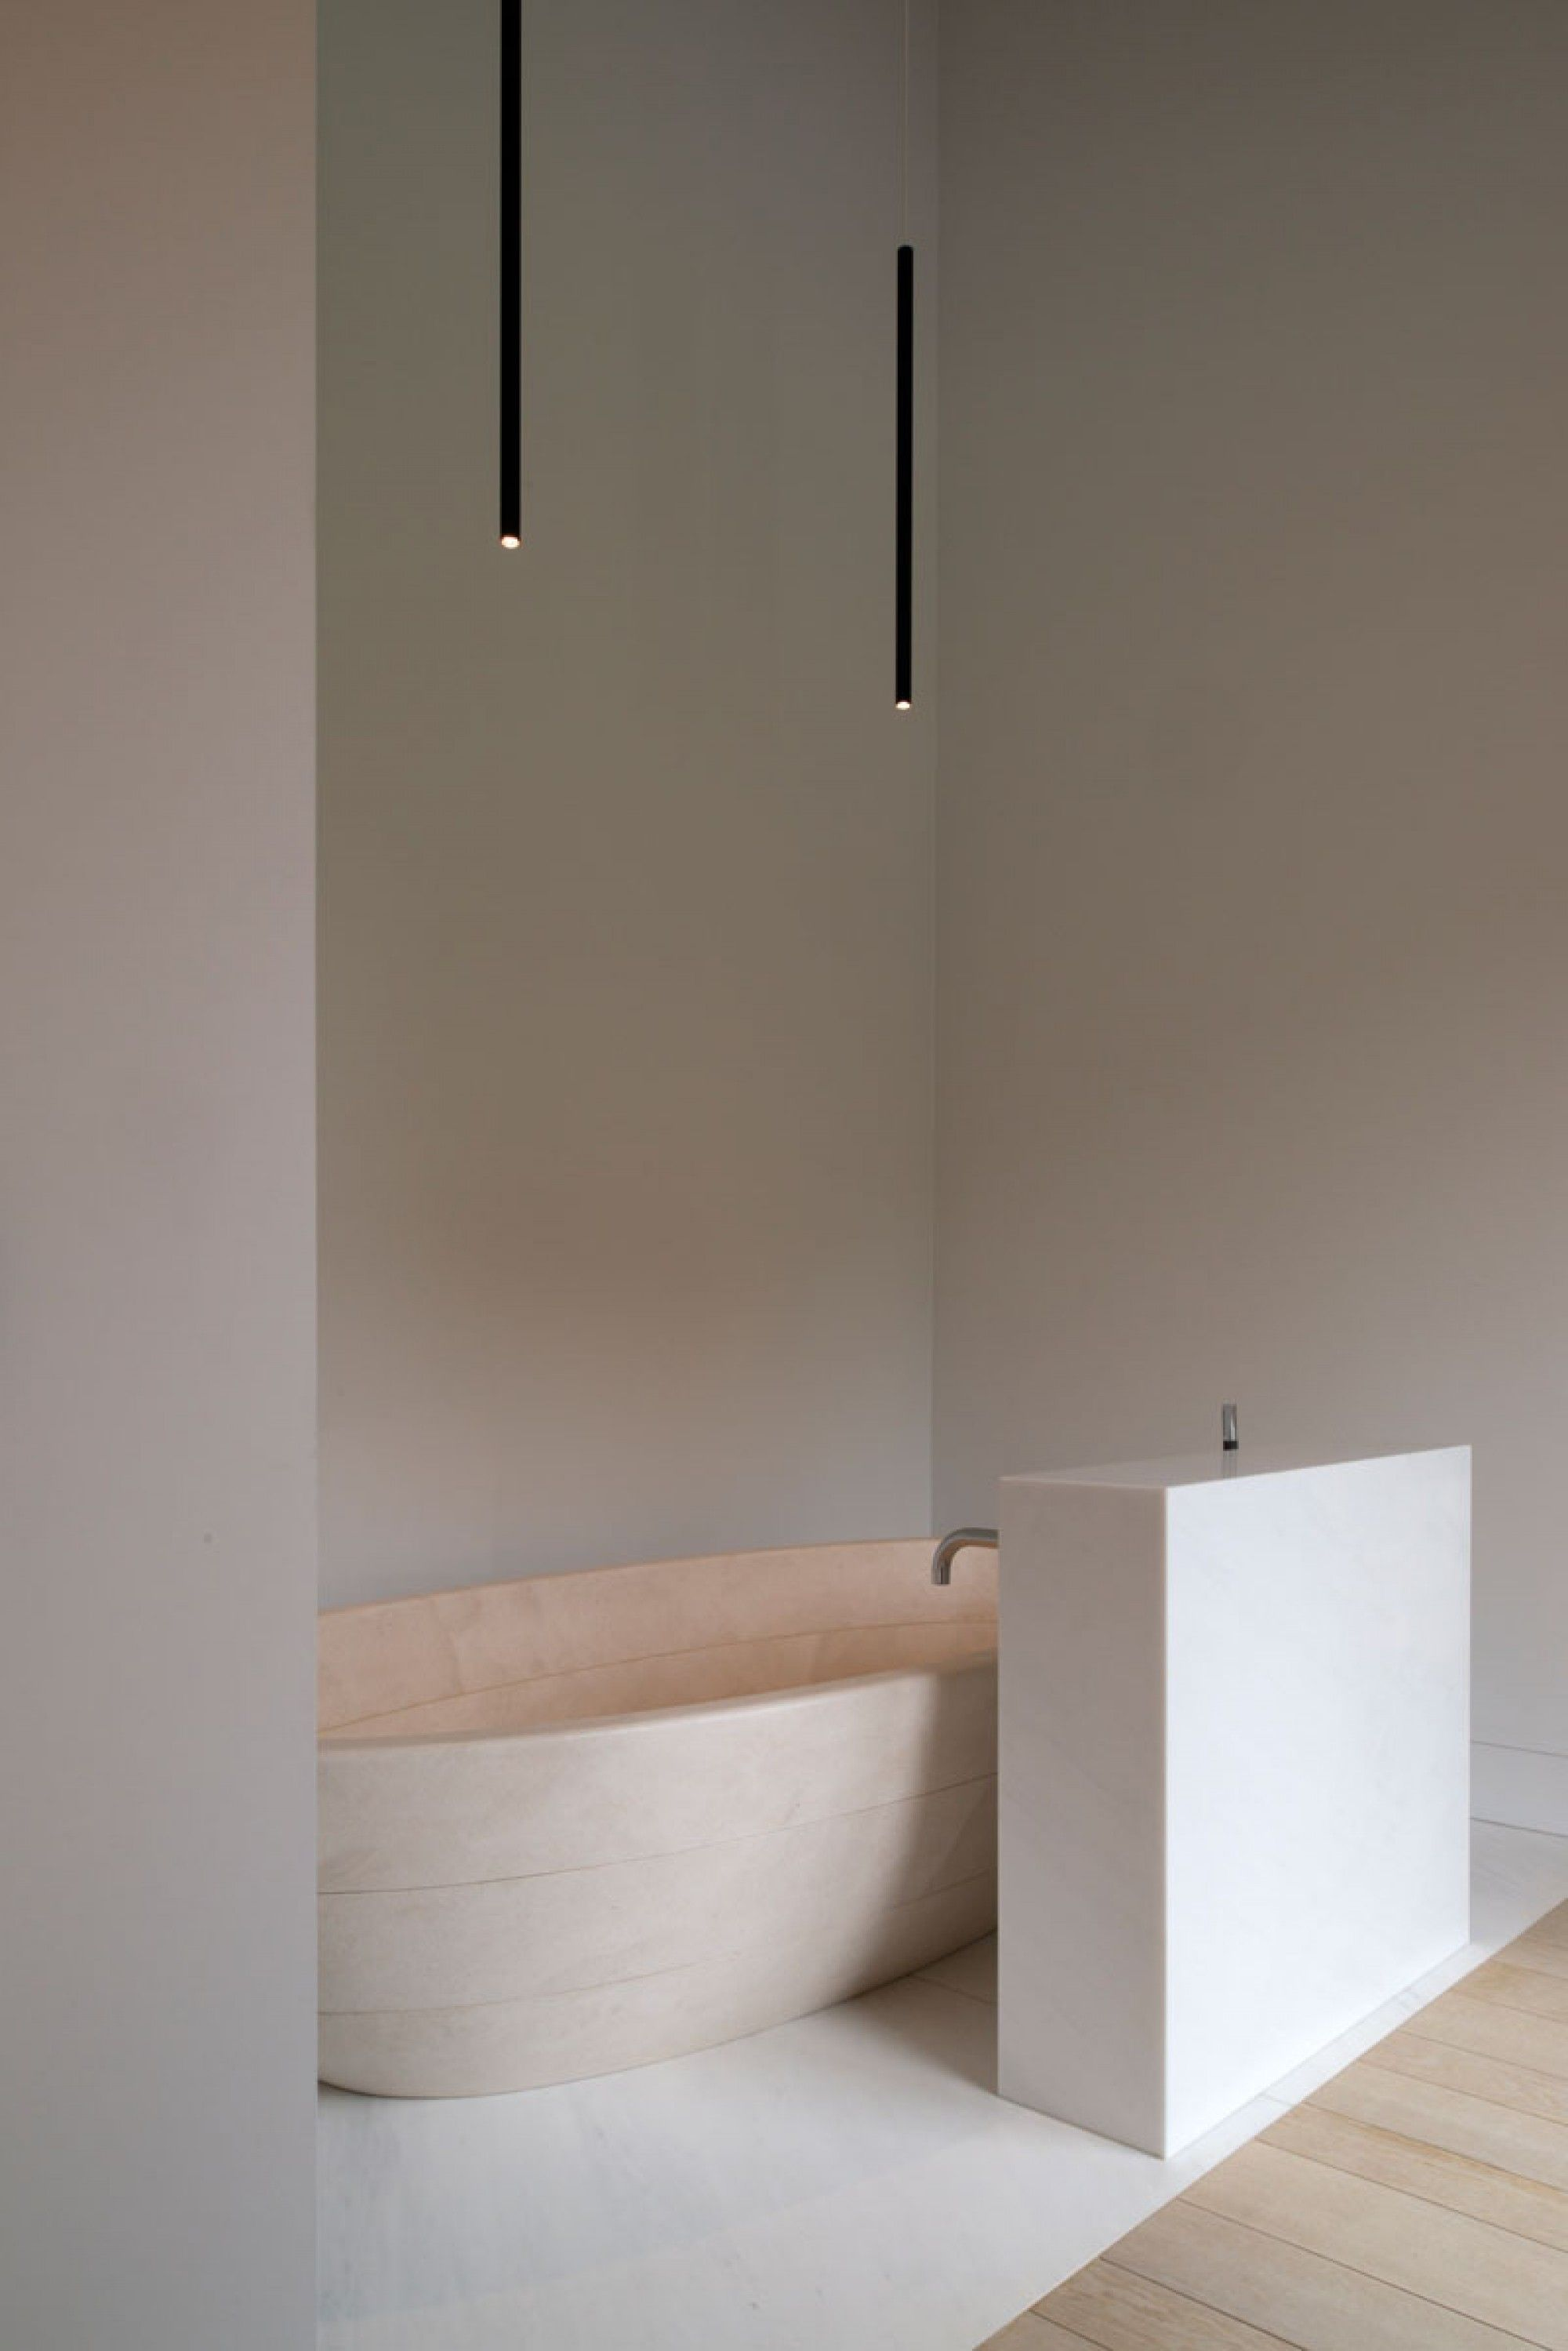 Affiche Salle De Bain ~ afficher l image d origine sanitaires pinterest images salle